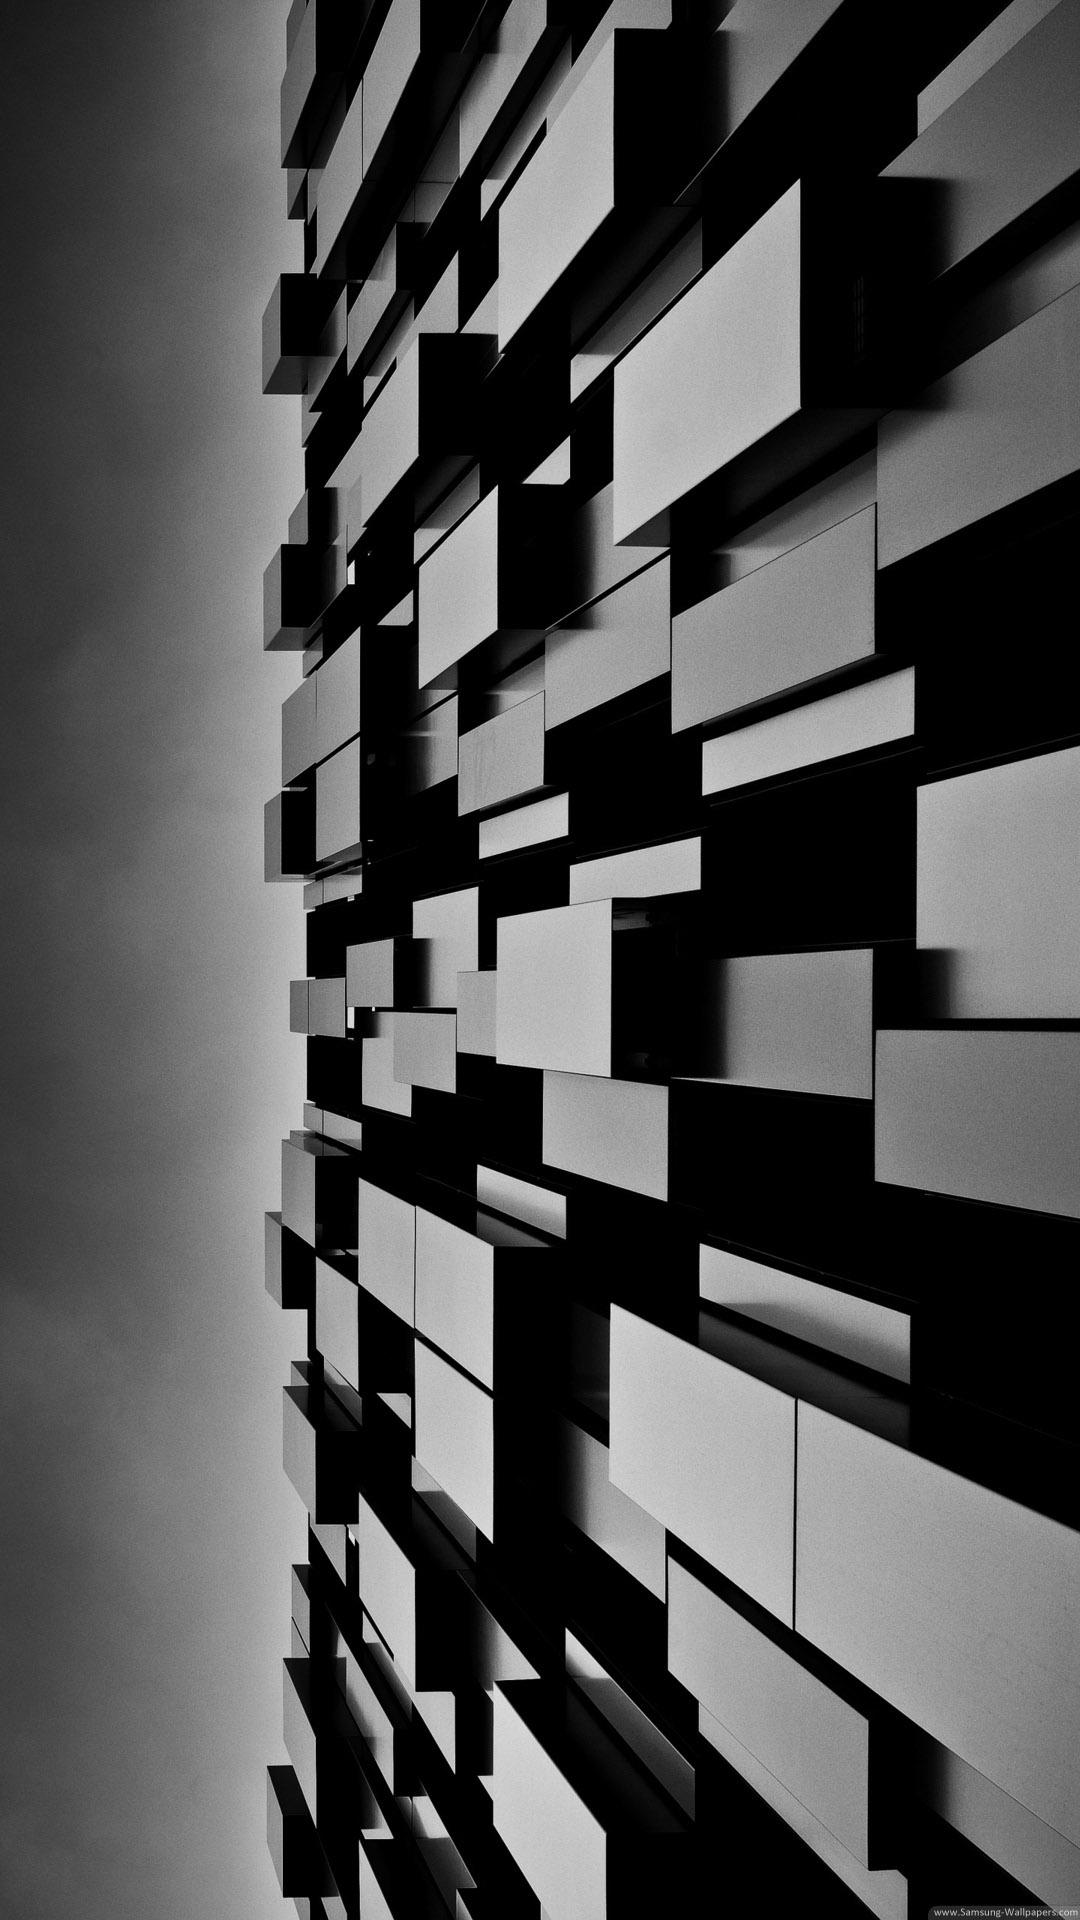 3D Abstract Art Dark Cubes Wall iPhone 6 Plus HD Wallpaper